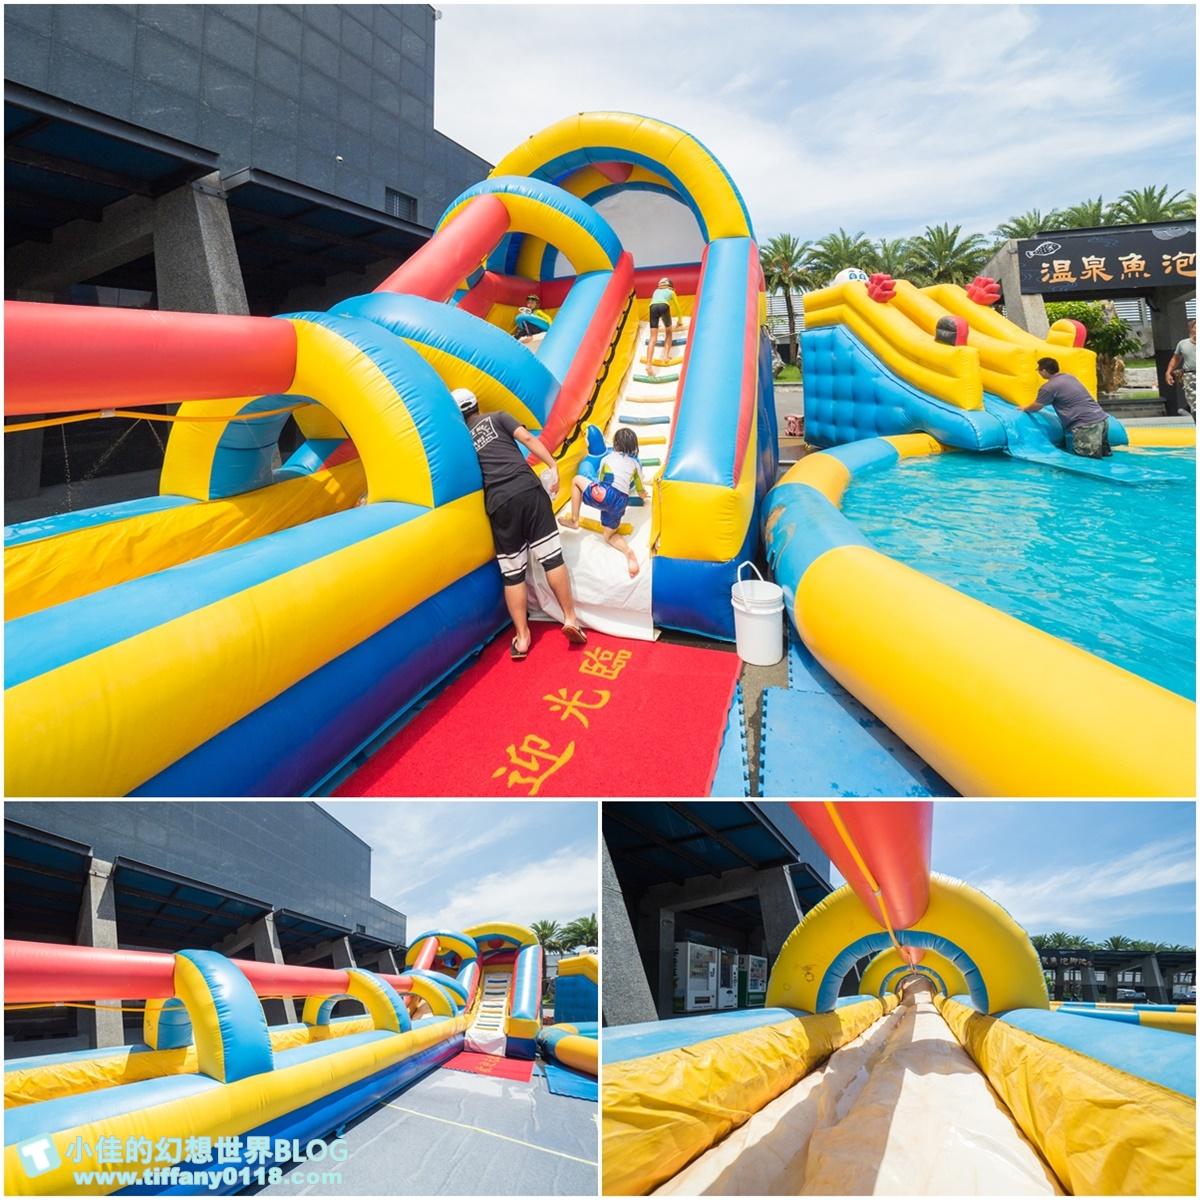 2020宜蘭綺麗童玩派對/一票玩到底/戶外氣墊水上設施+綺麗寶石博物館+蝴蝶藝術館+馬賽克DIY任妳玩超划算